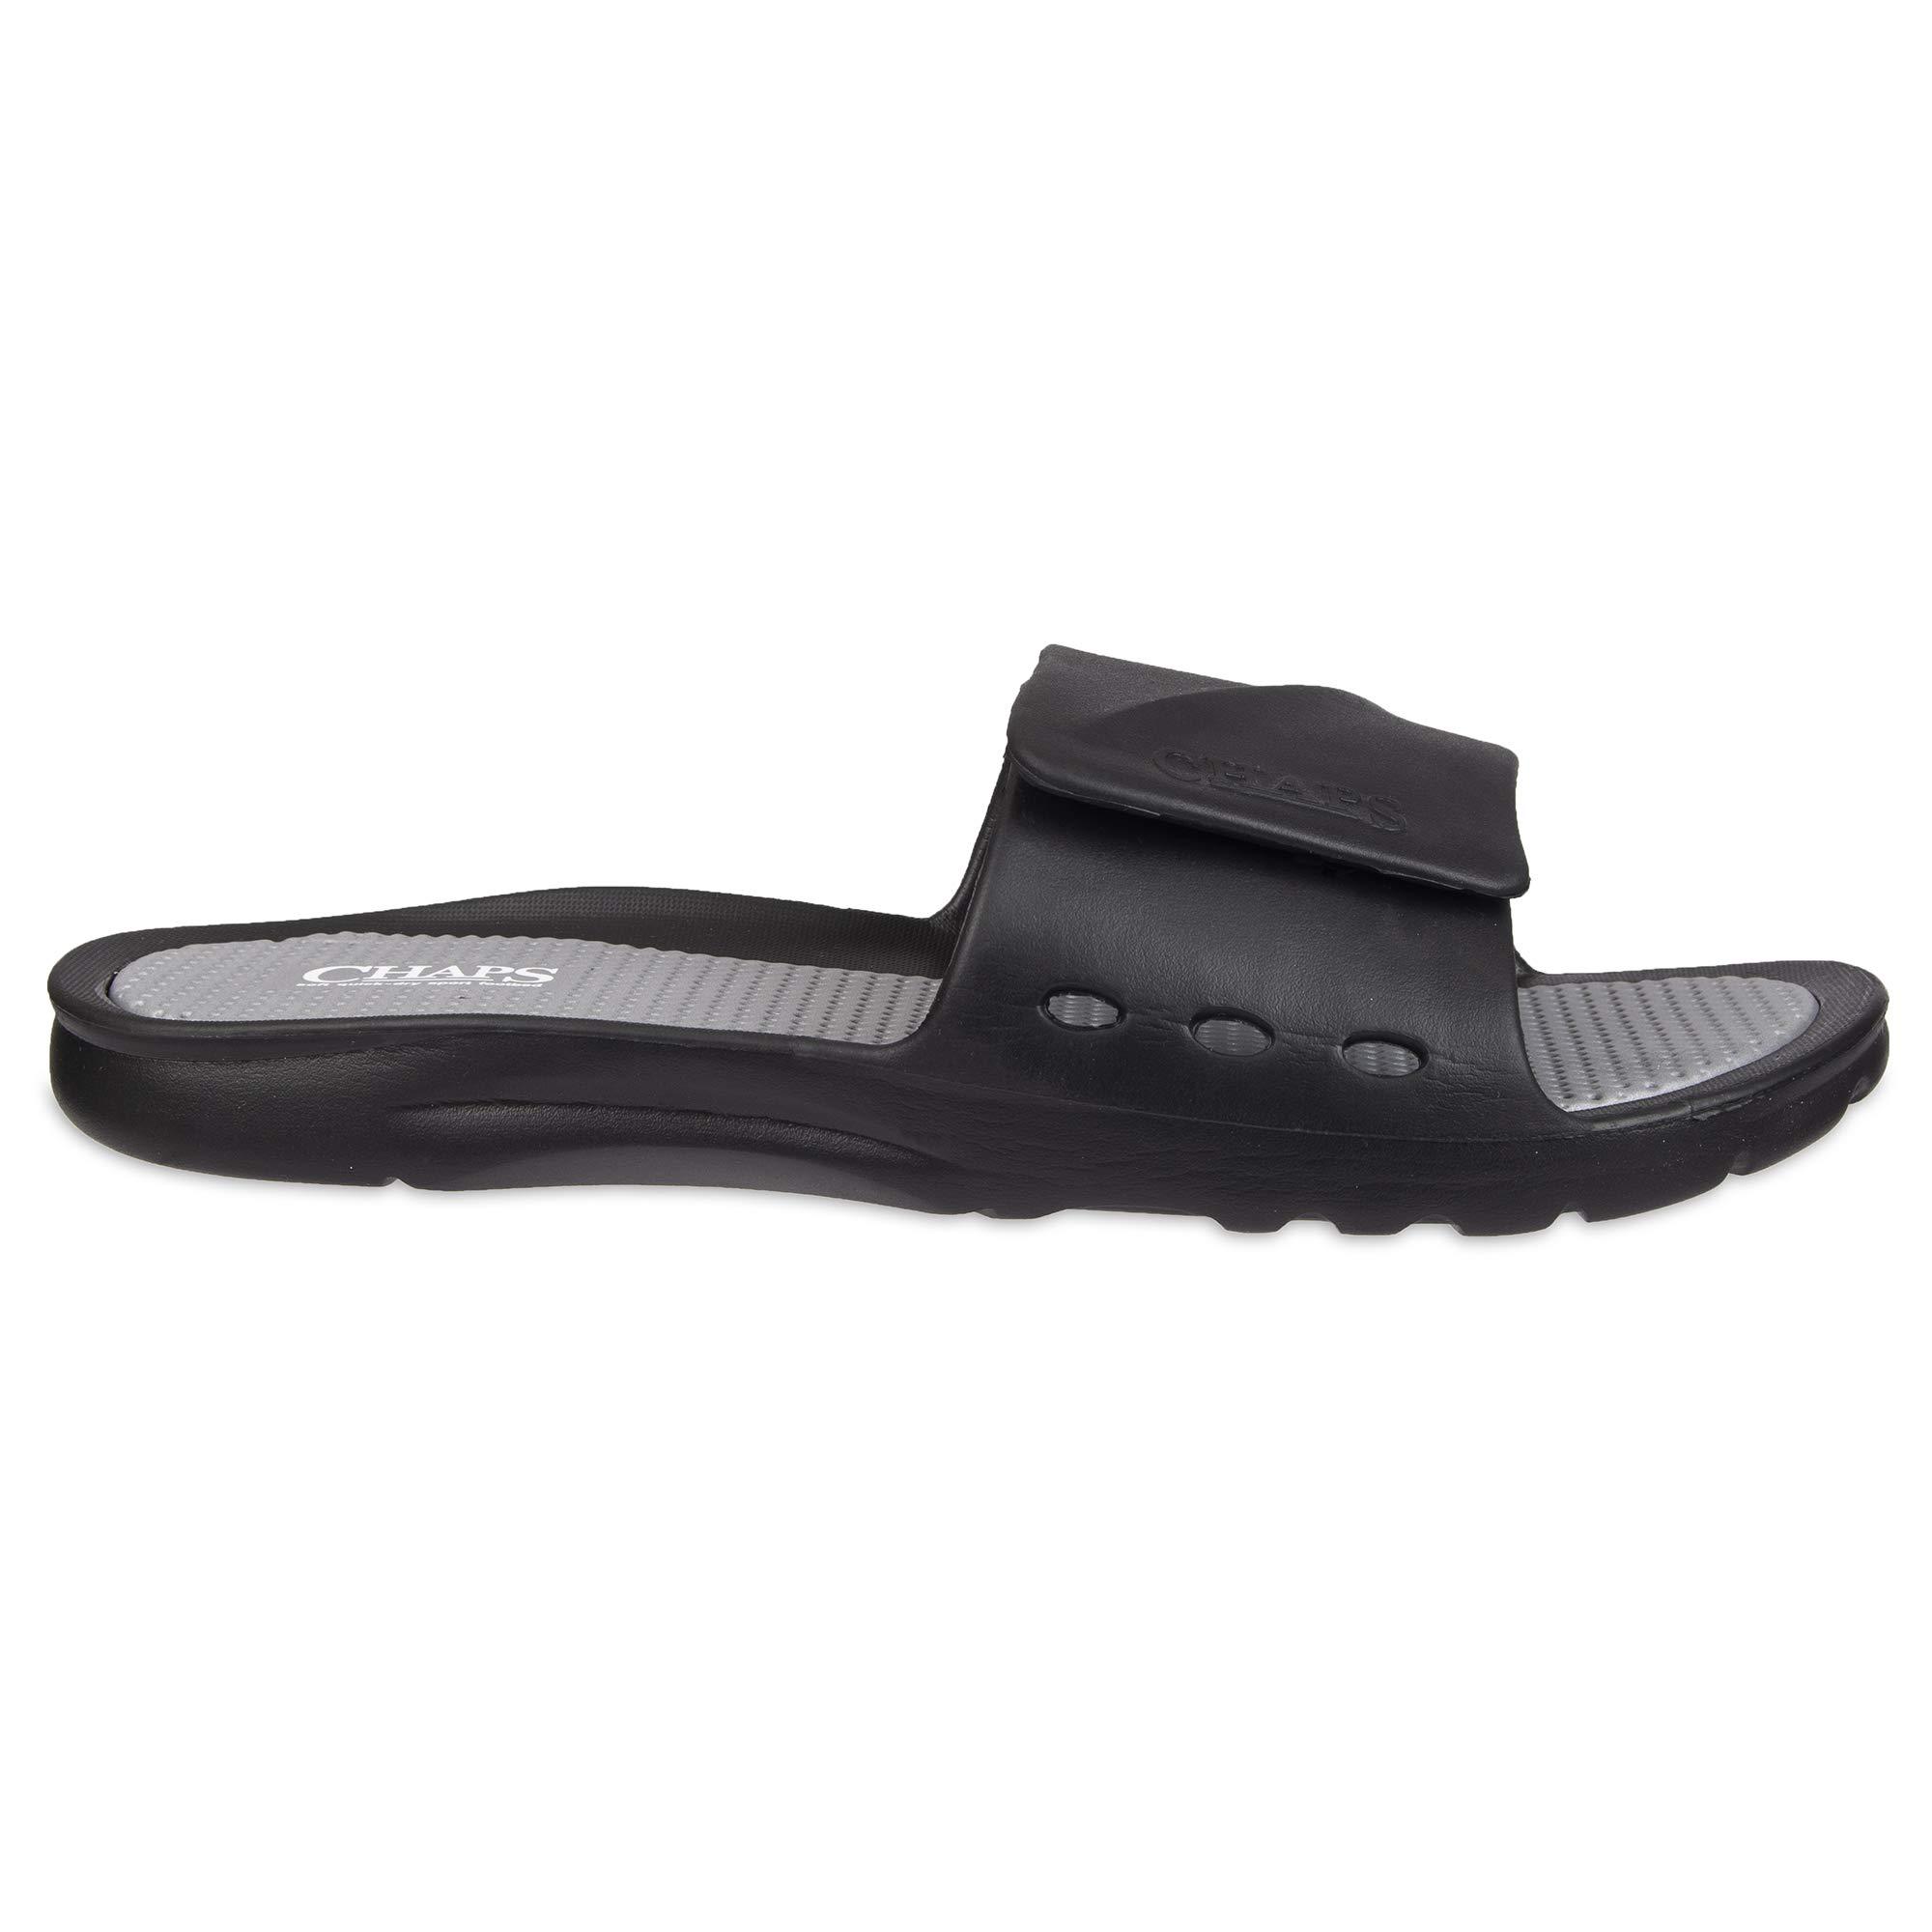 fe468976315c8 Details about Chaps Men's Slide Athletic Sandal Sandal, Black/Wh - Choose  SZ/color